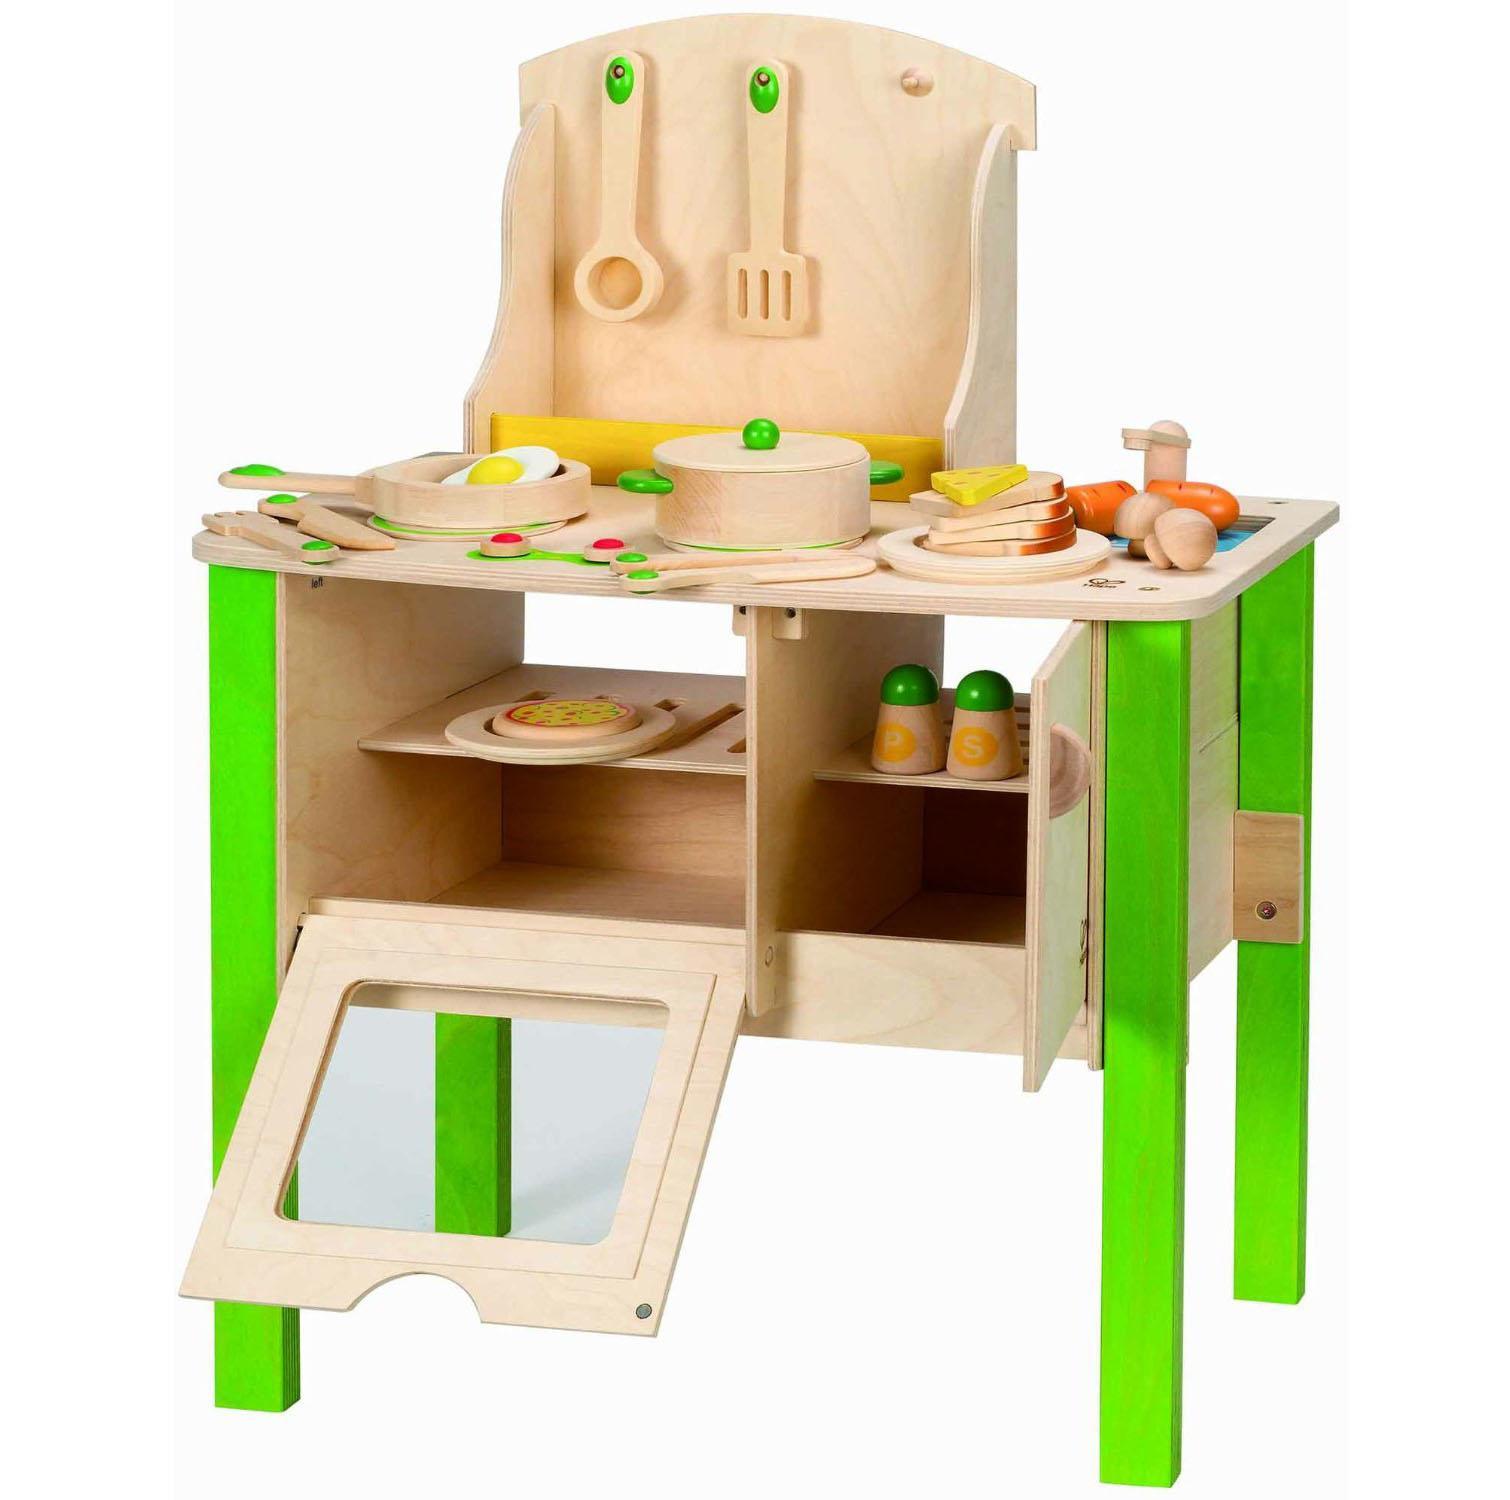 Hape Gourmet Kitchen Kid S Wooden Play Kitchen In White